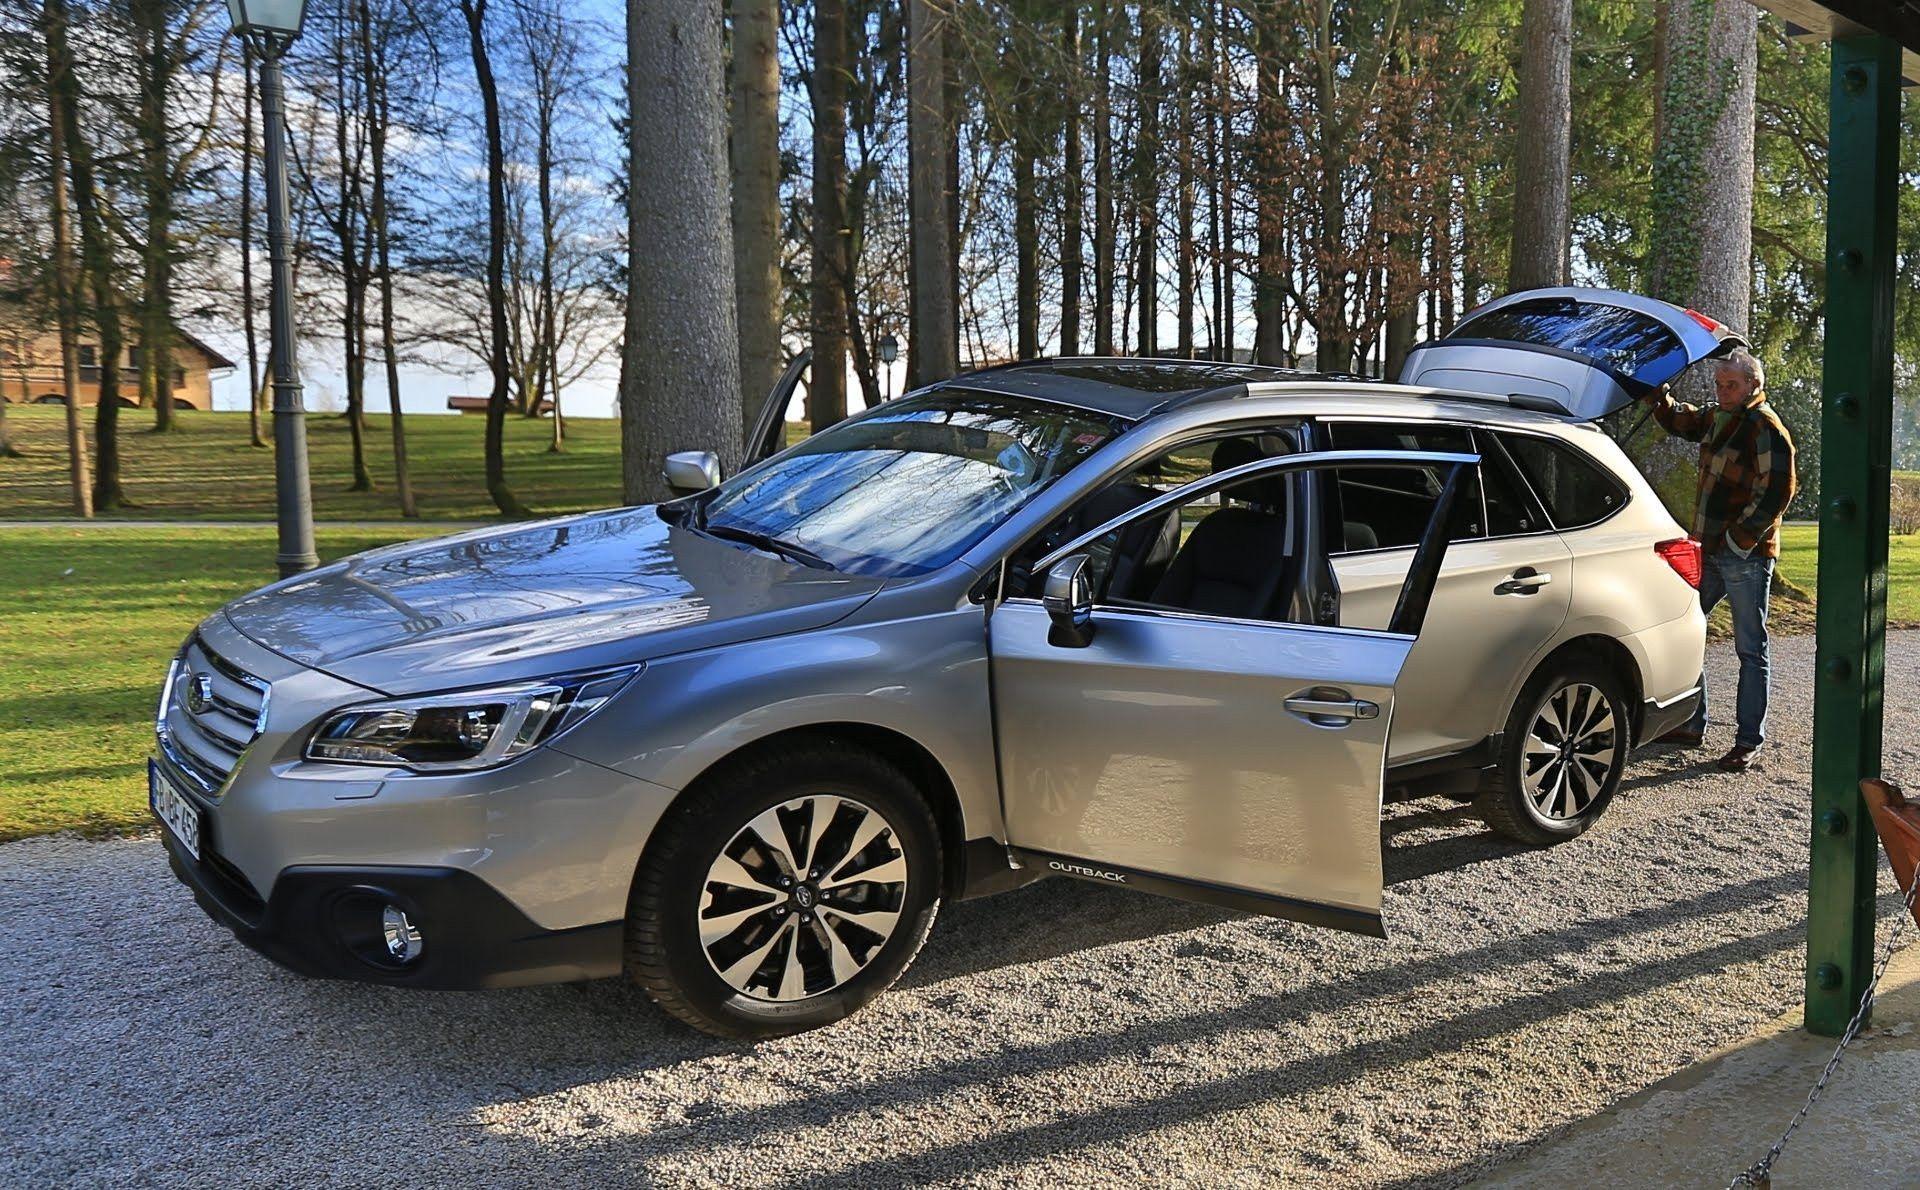 Subaru Models 2020 Price And Release Date Di 2020